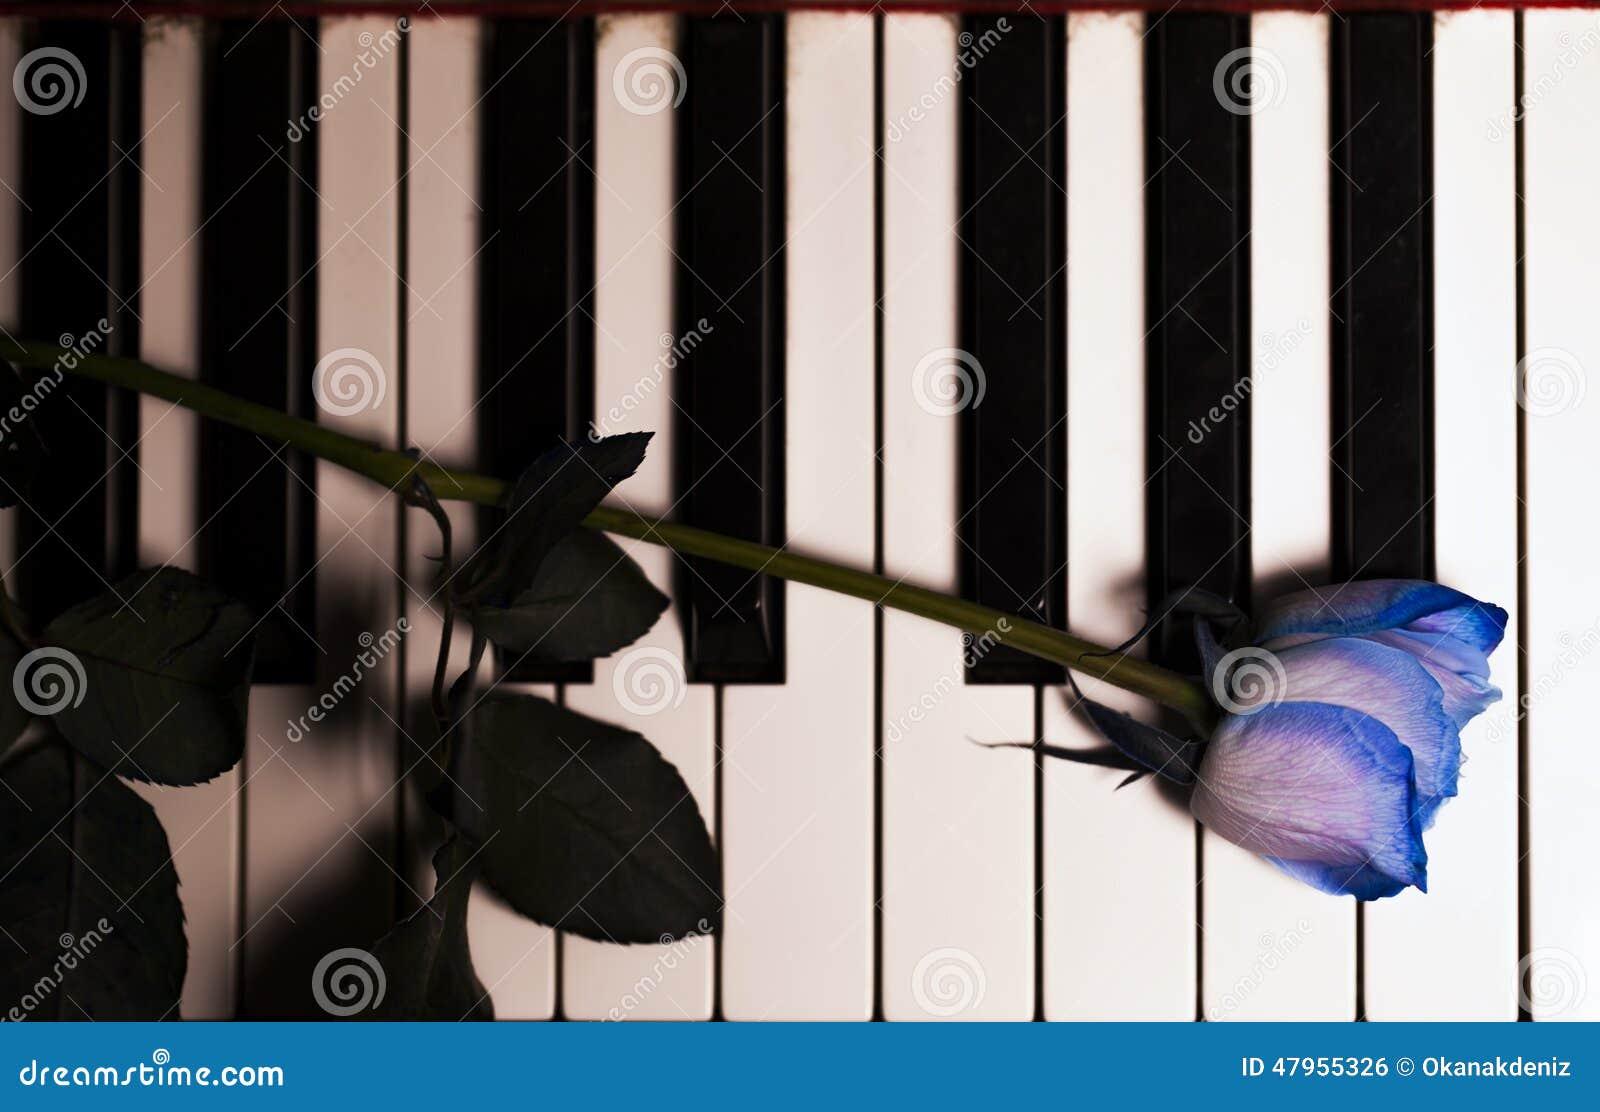 blaue rose und kerze auf klavier schl sseln stockfoto bild 47955326. Black Bedroom Furniture Sets. Home Design Ideas